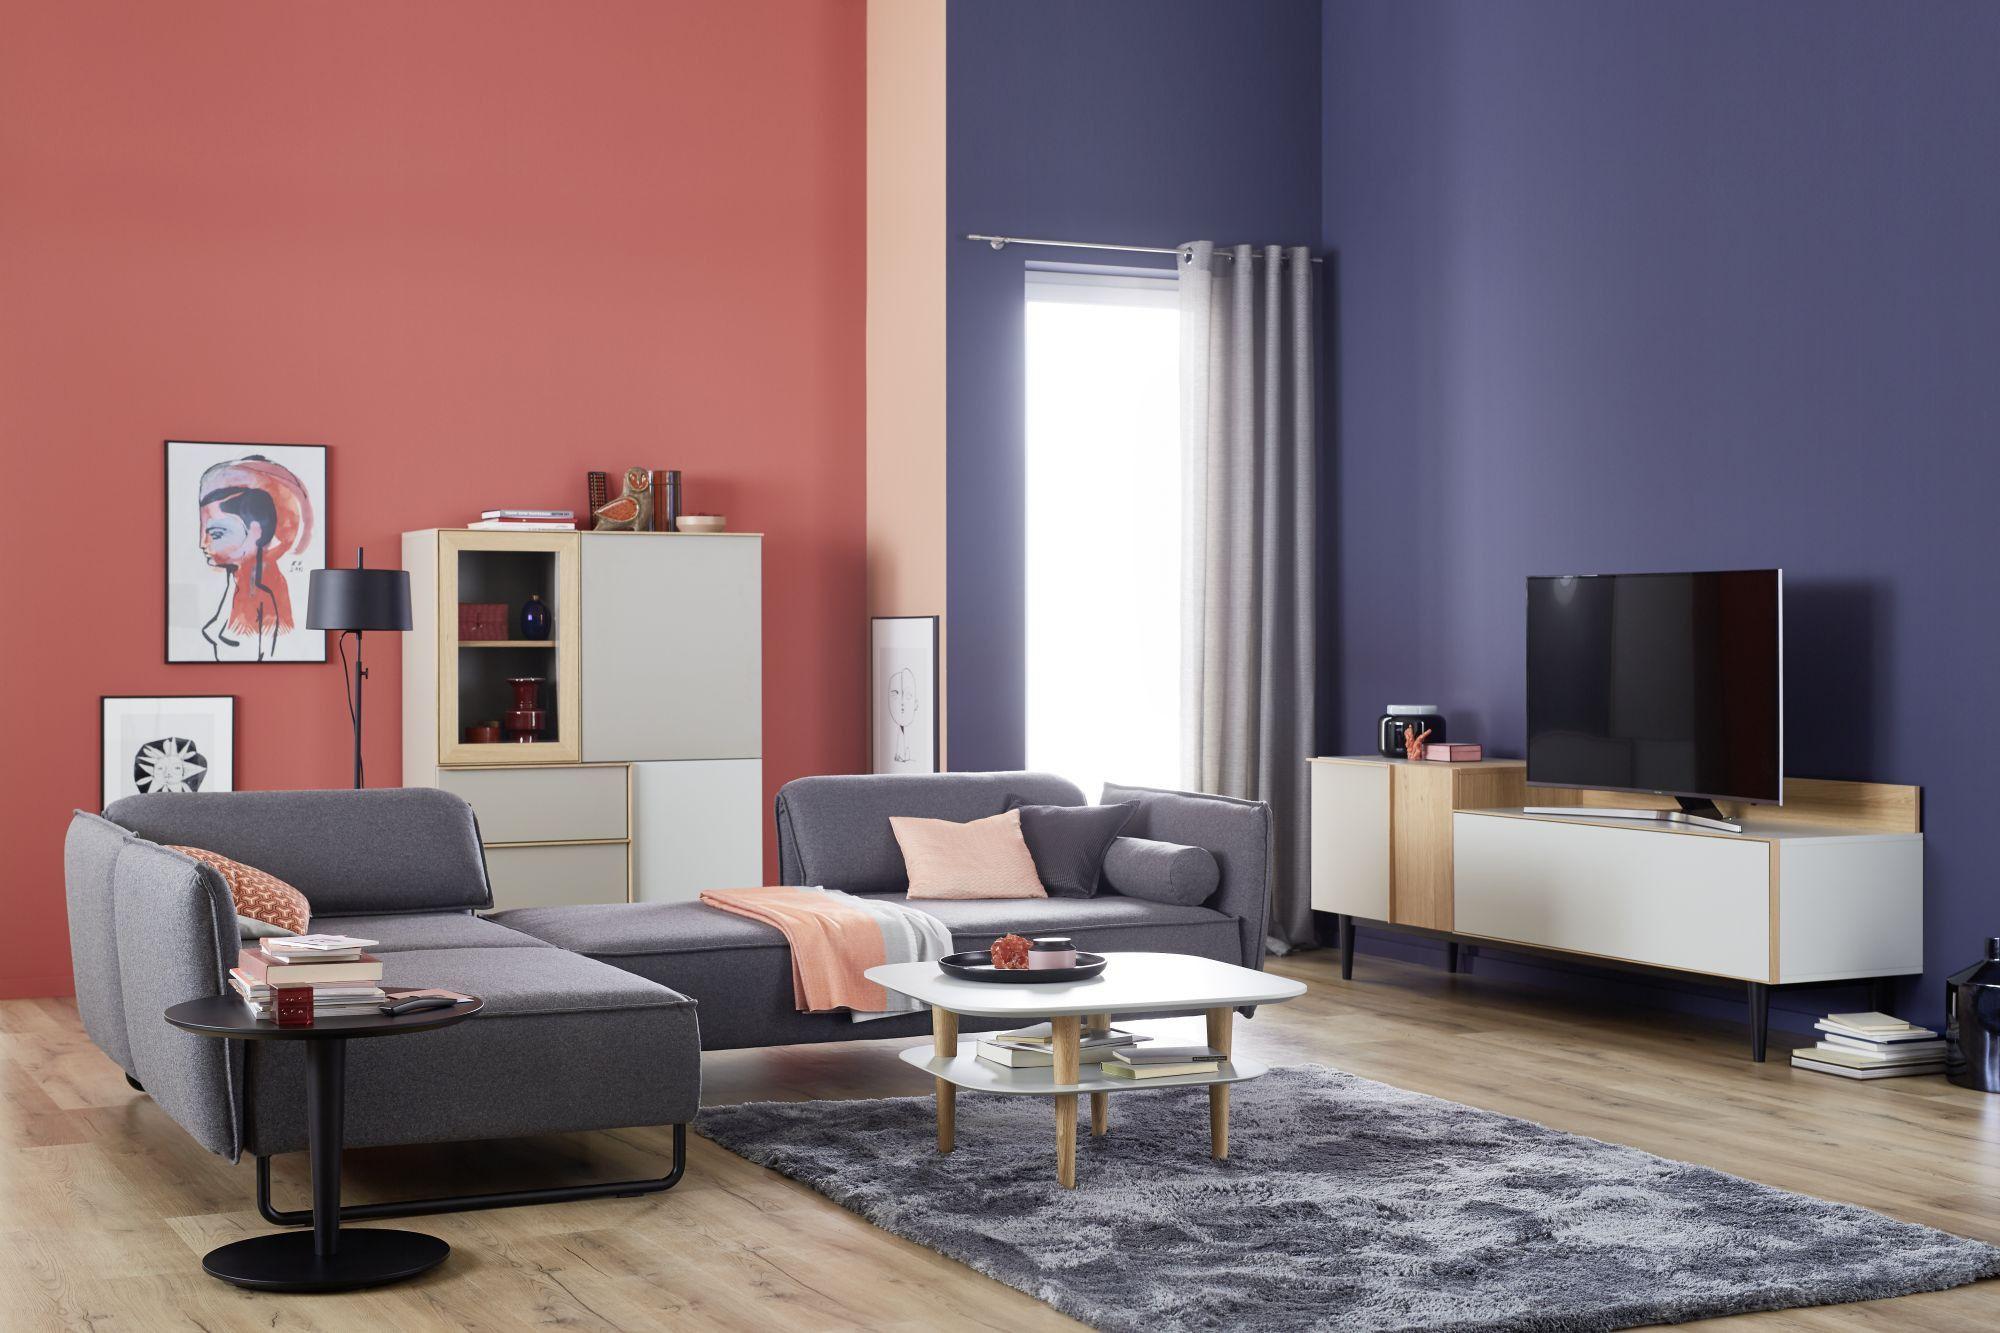 Moderne Wohnzimmereinrichtung schöner wohnen kollektion highboard patchwork loft industrialstyle